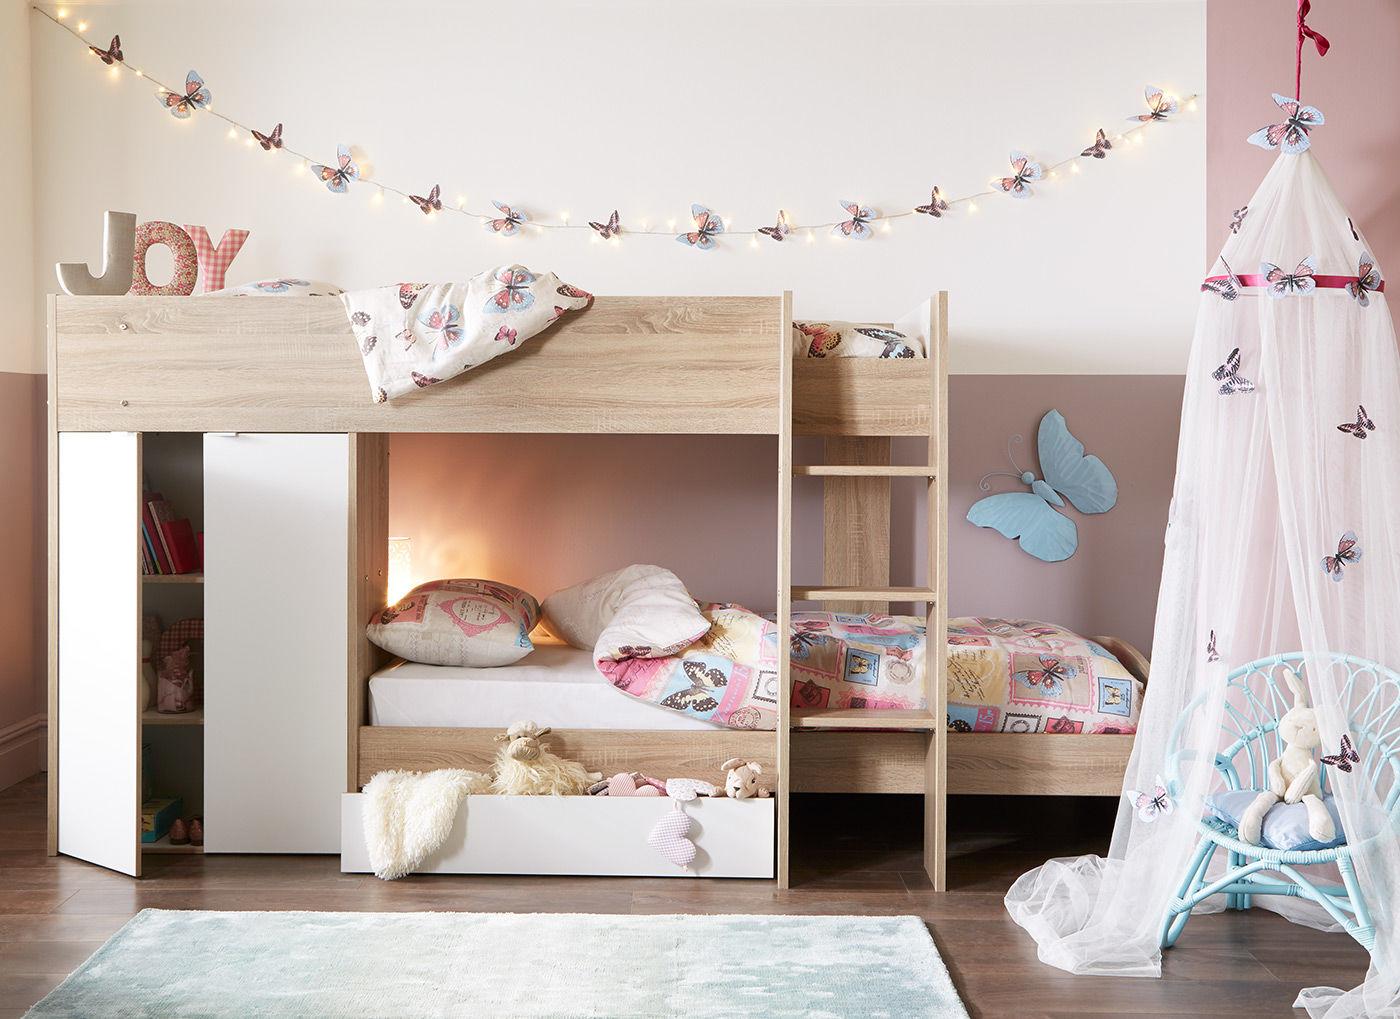 Детская для двоих детей с декоративными бабочками